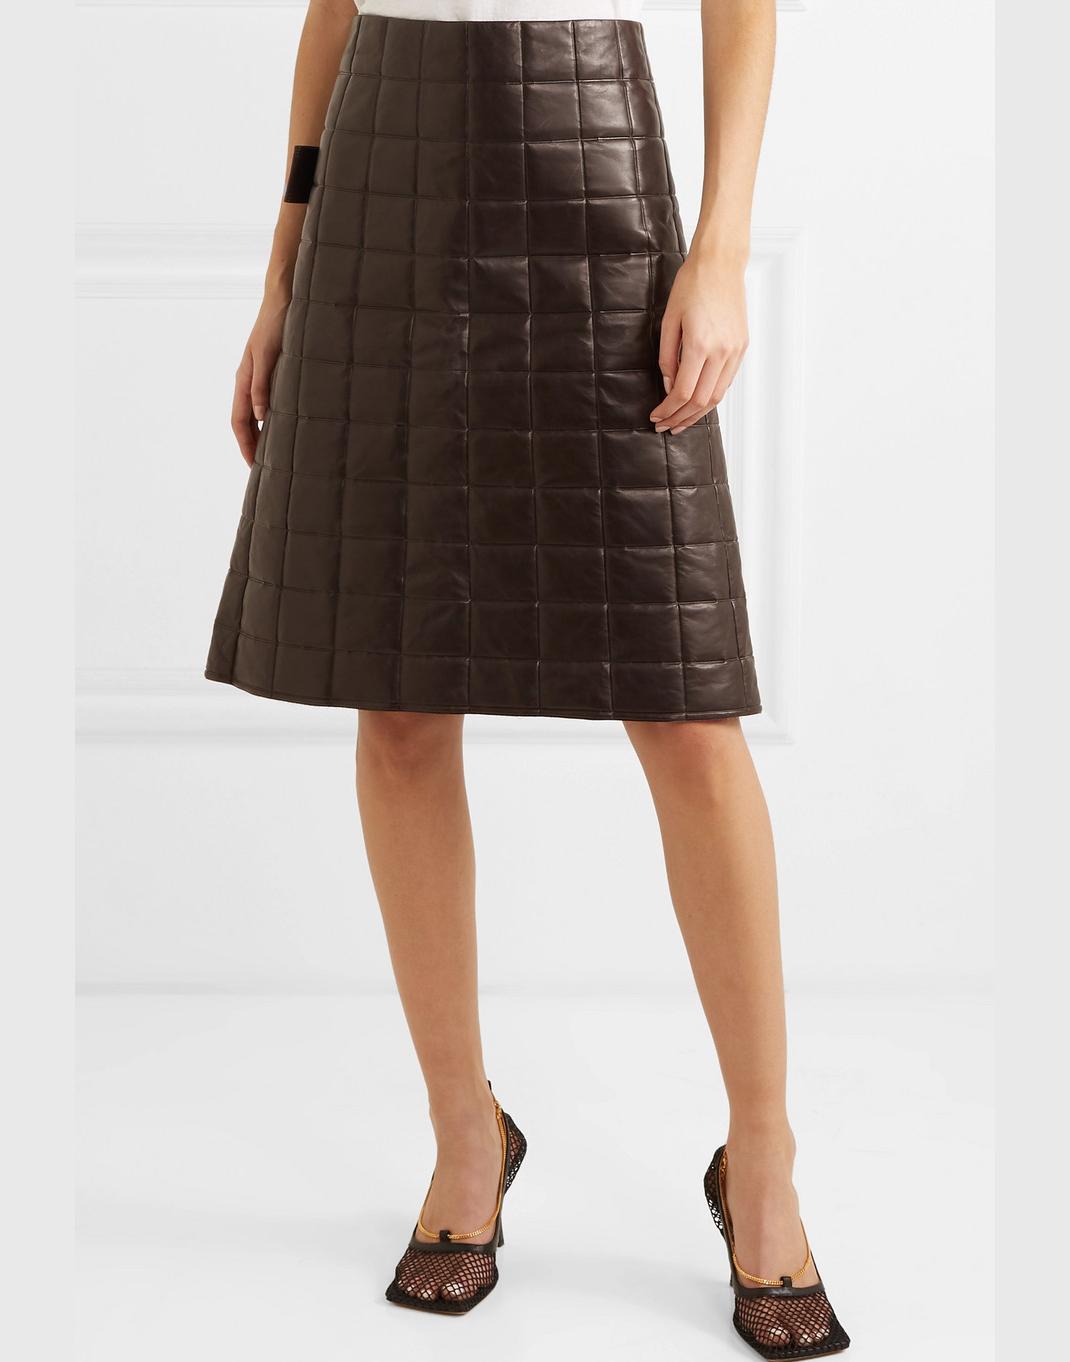 γυναίκα με φούστα Bottega Veneta